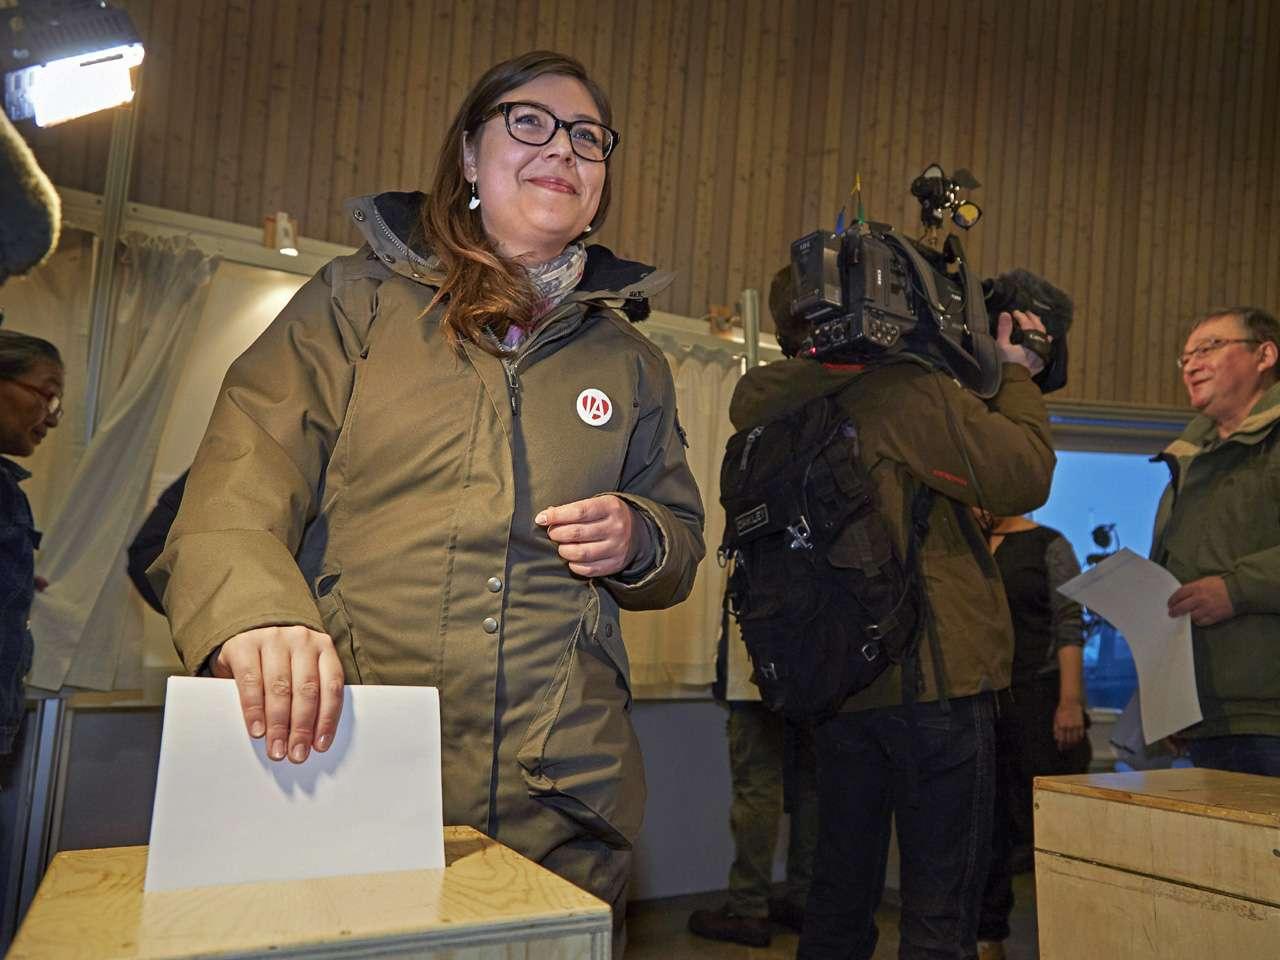 La líder del partido izquierdista Inuit Ataqatigiit (IA), Sara Olsvig, deposita su voto en una urna en un colegio electoral en Nuuk, Groenlandia Foto: EFE en español